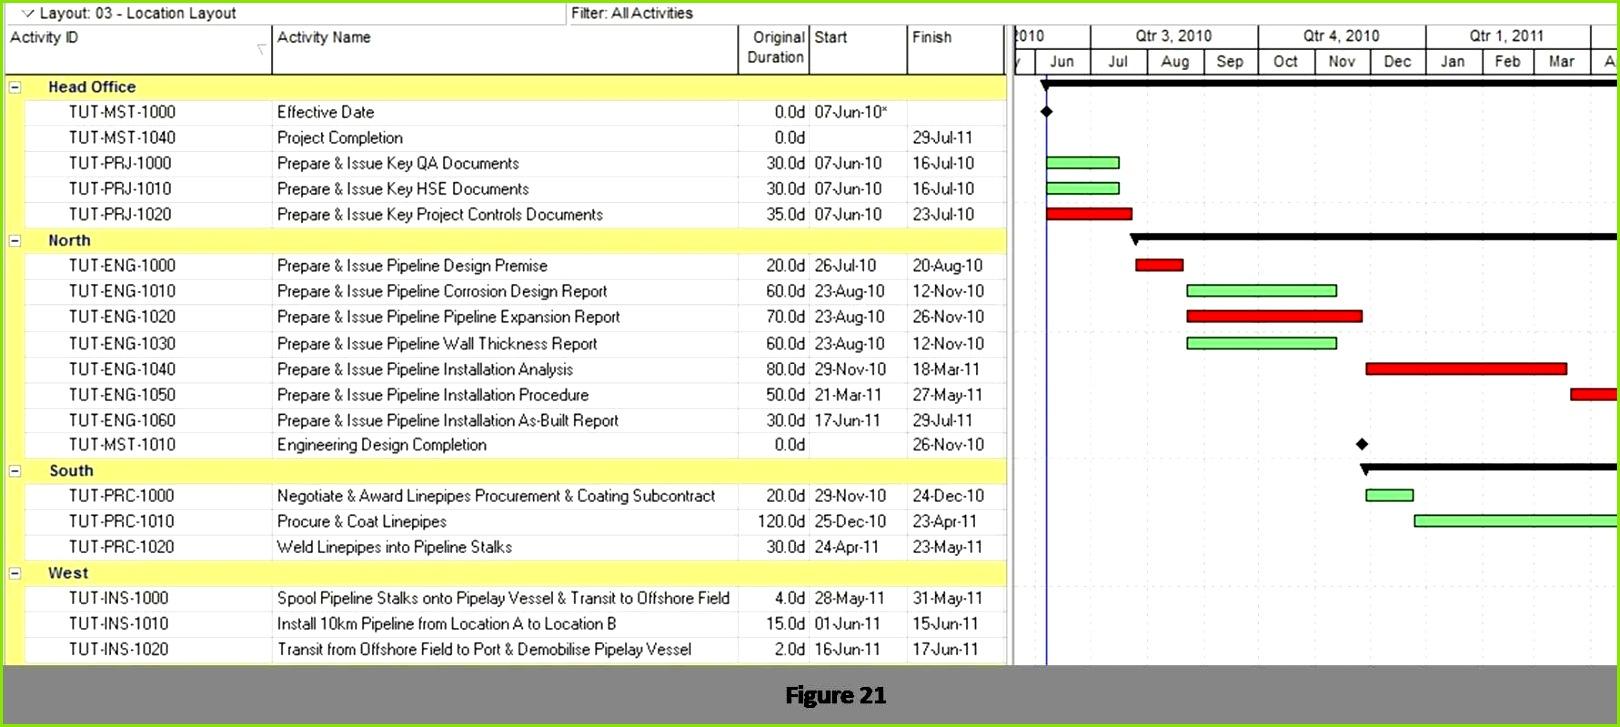 Muster Reisekostenabrechnung Editierbar Excel Vorlage Rechnung Kleinunternehmer Bild – 40 Inspirierend 43 Frisch Muster Reisekostenabrechnung